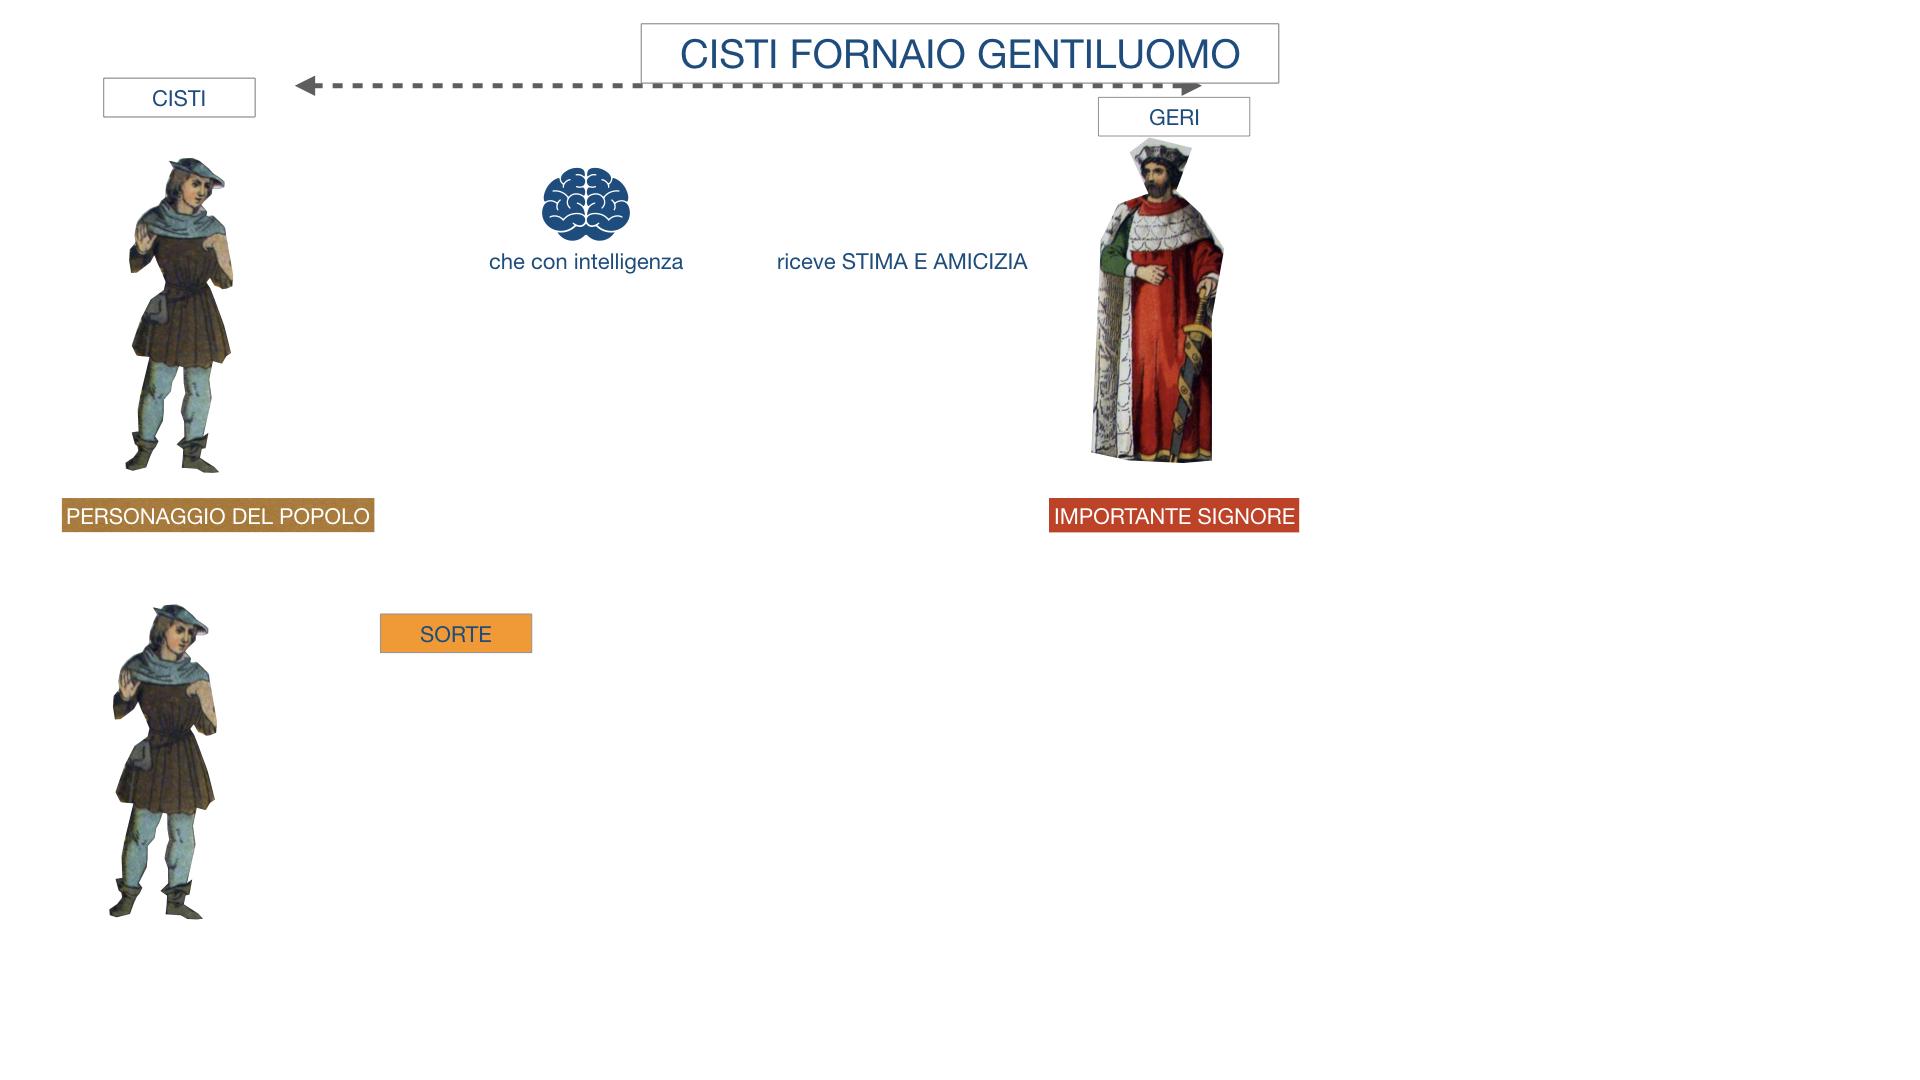 CISTI IL FORNAIO_SIMULAZIONE .006